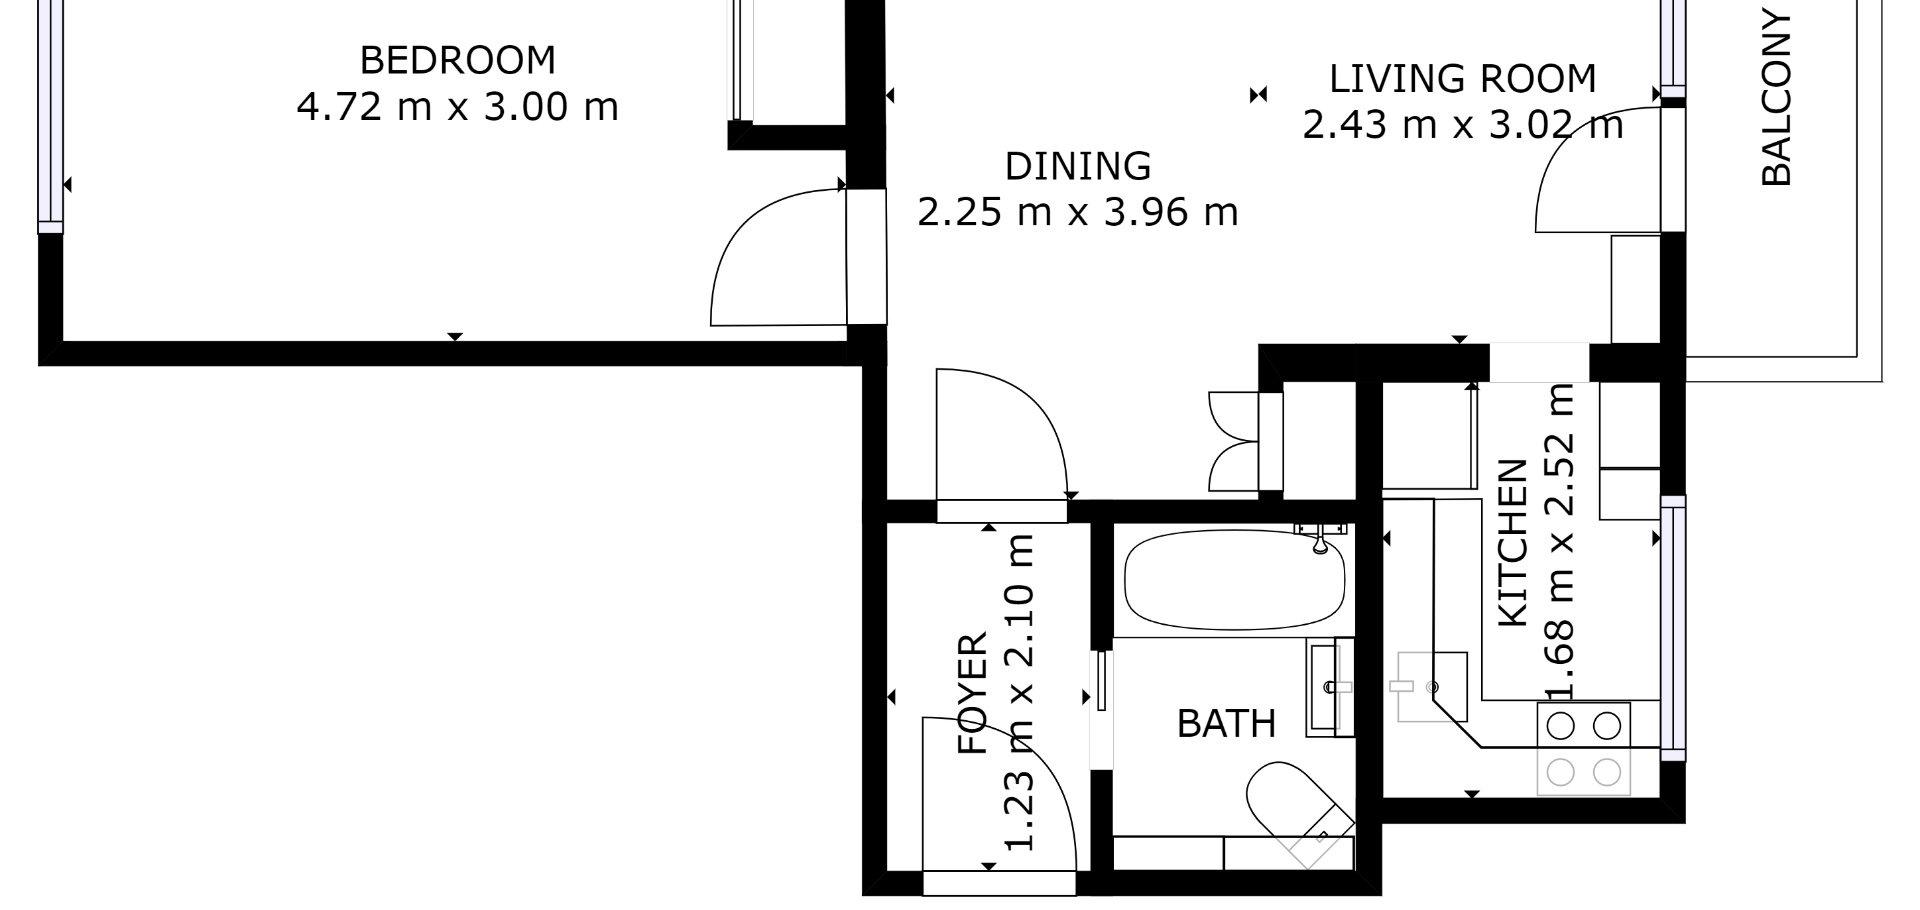 Prodej, bytu 2+kk, Milovice - Spojovací